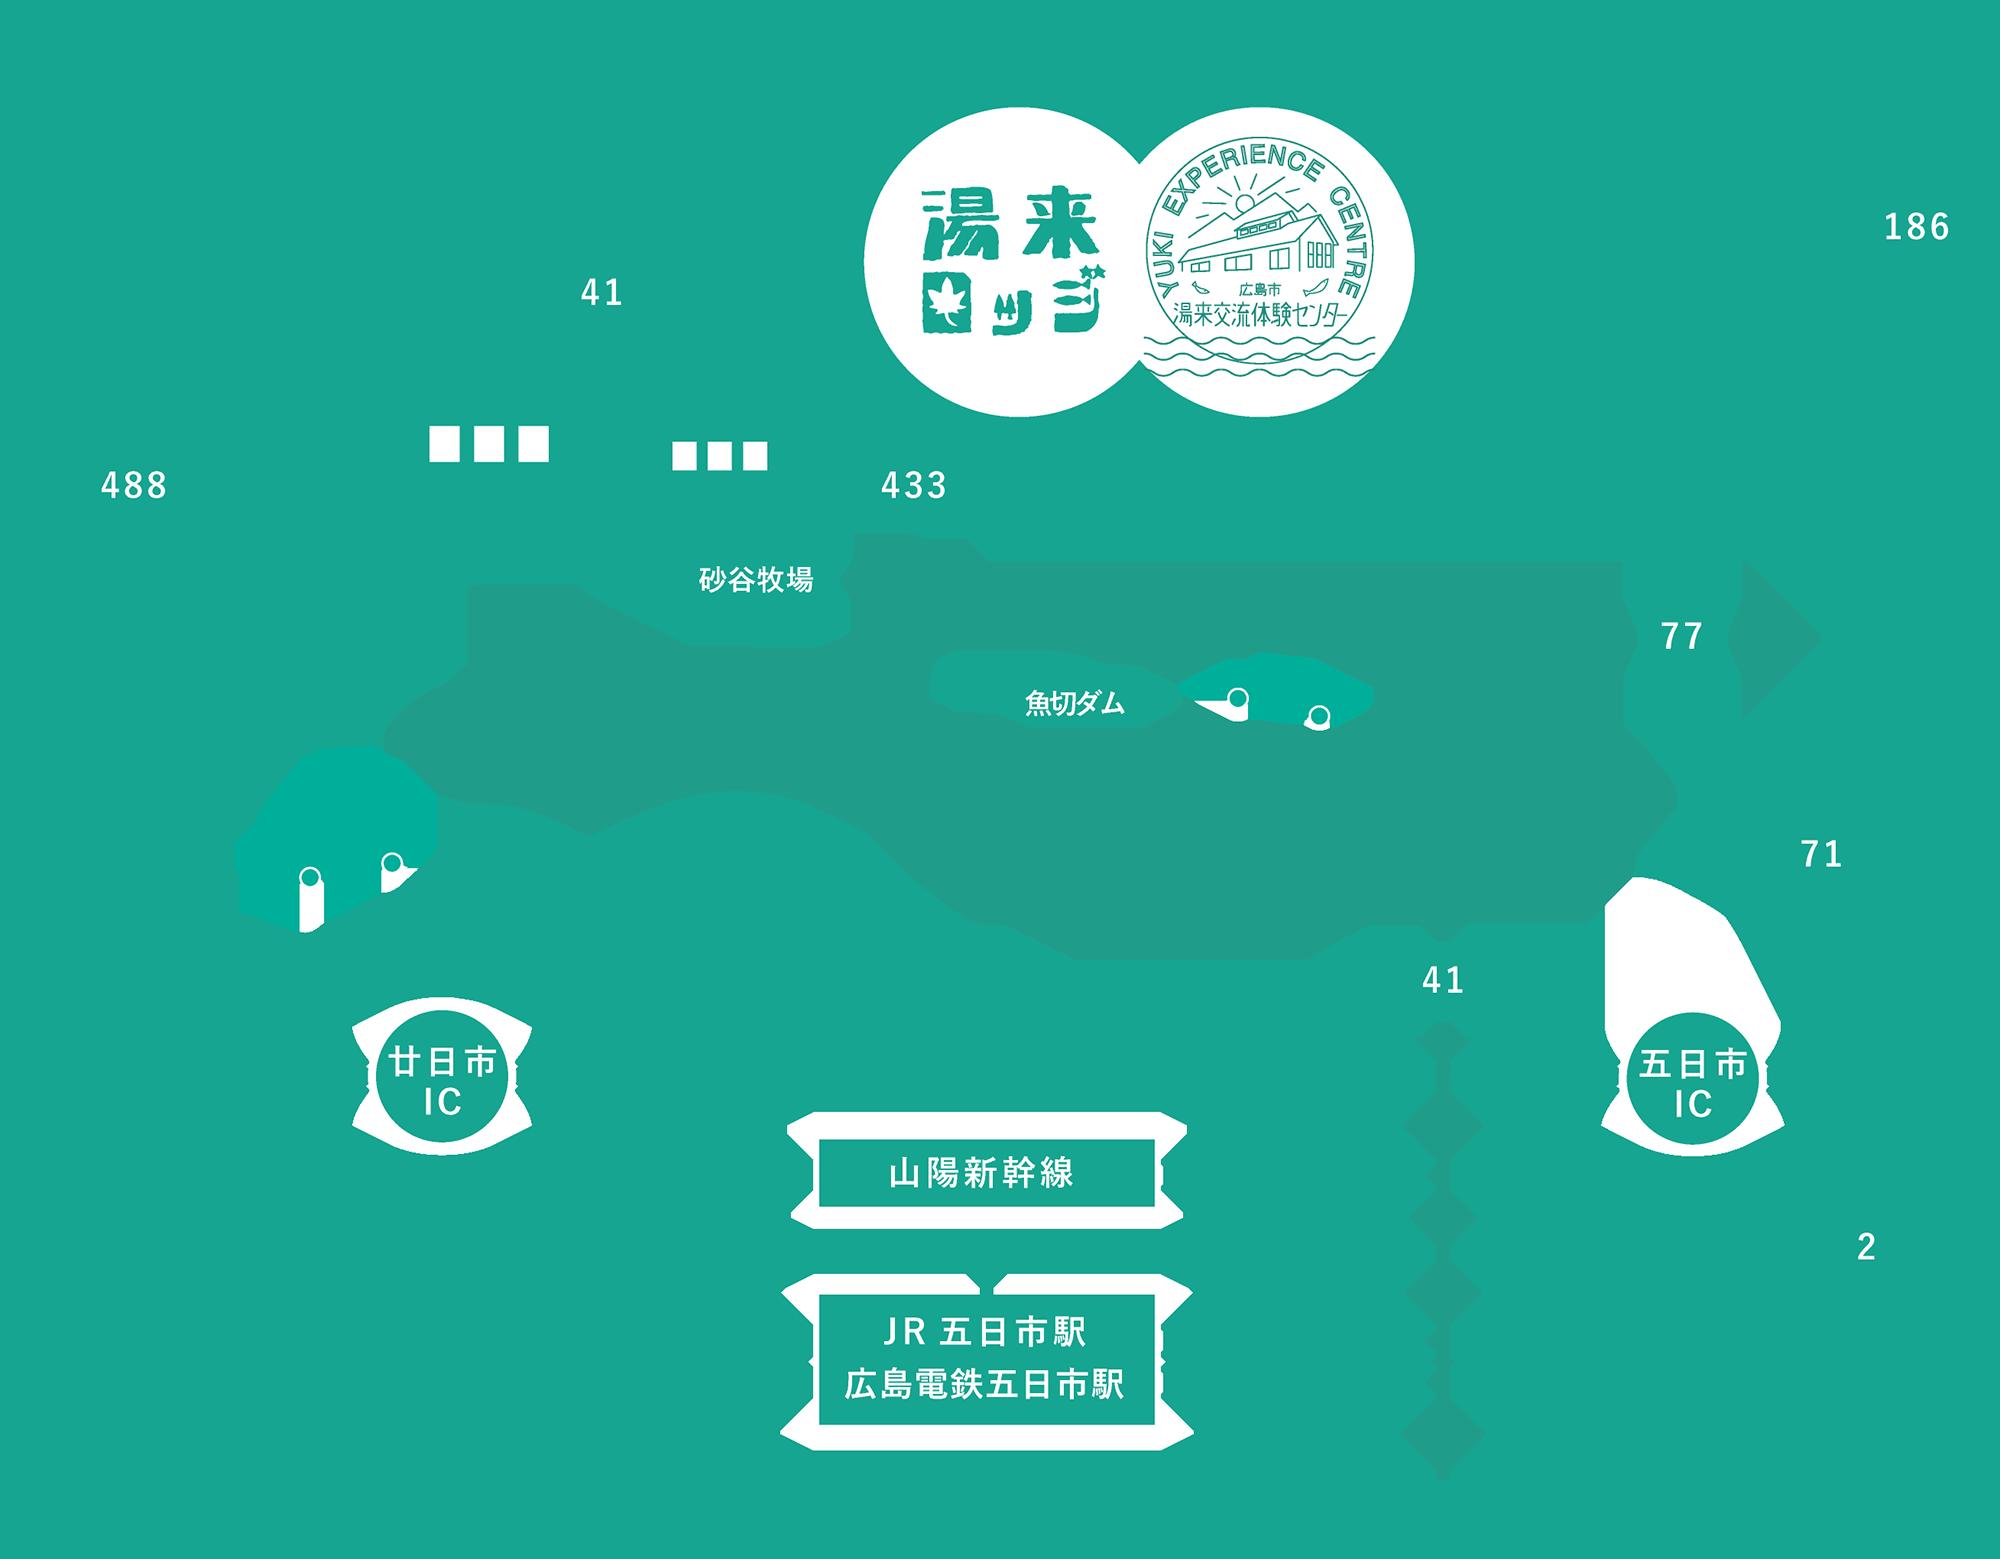 湯来ロッジ MAP / 広島市内方面からお越しの場合は、西広島バイパスを【五日市ランプ】で五日市・湯来方面へと降り、県道41号線をご利用いただくルートが一番わかりやすく、道も広いです。